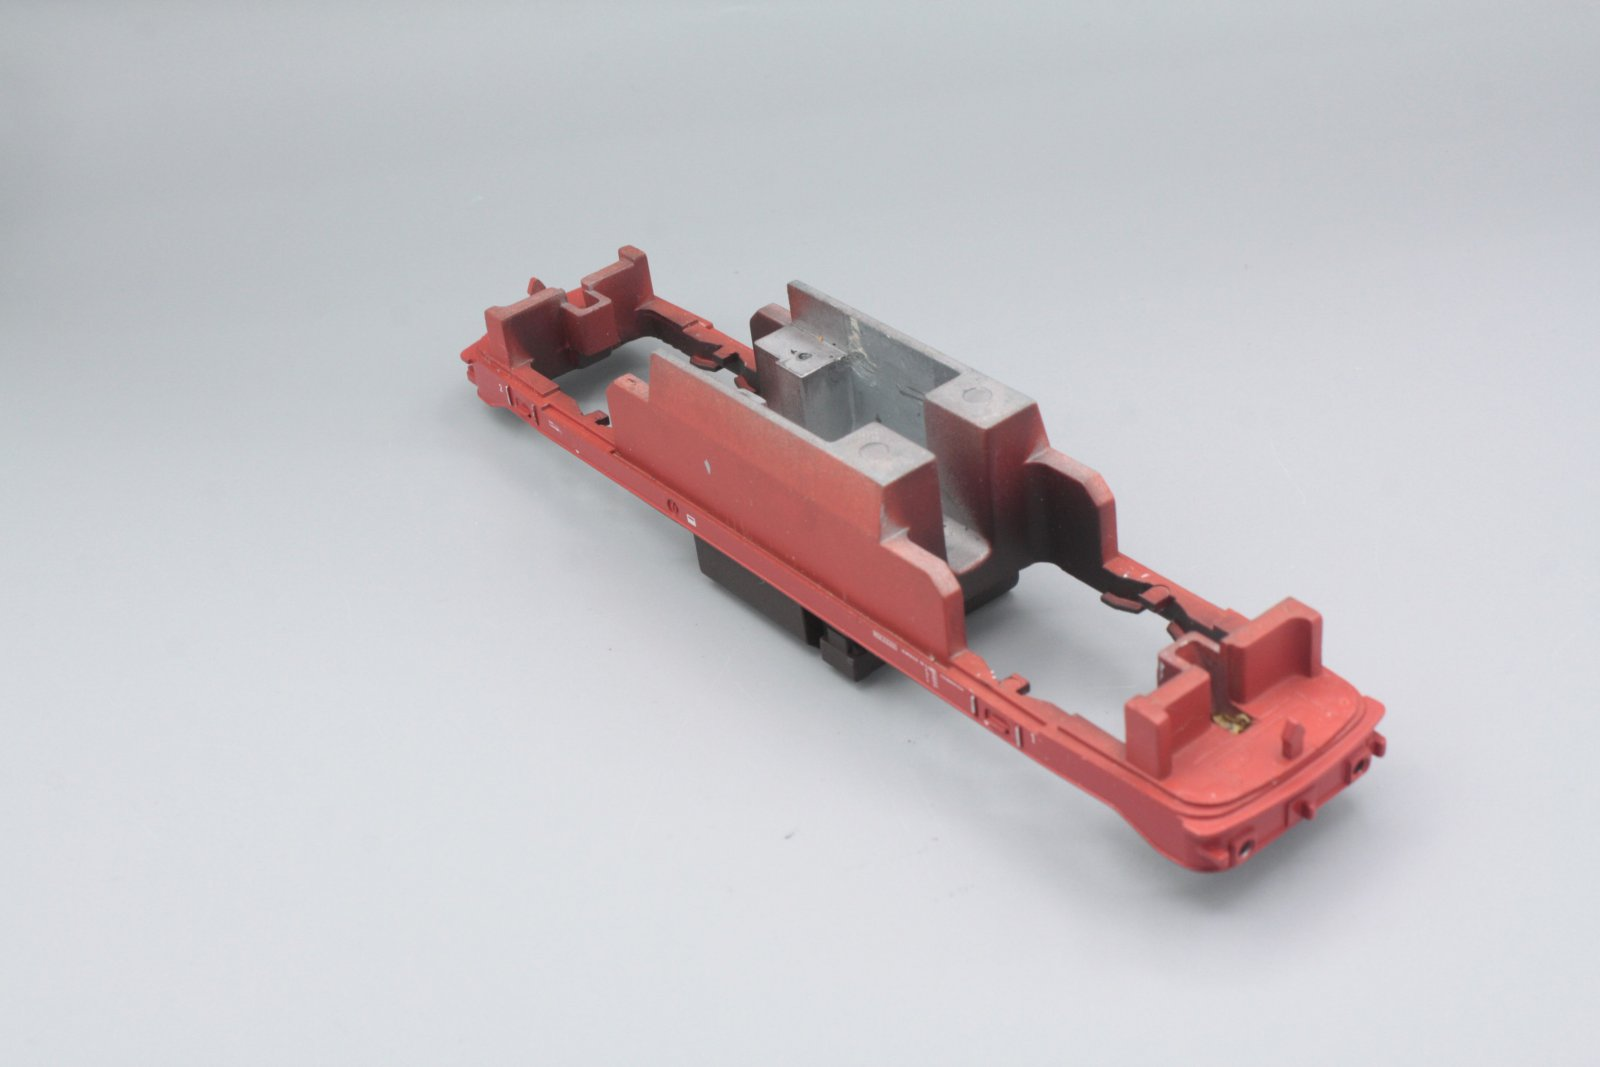 Ersatzteil Piko 218 Rahmen 218 - rot für orientrote Lok (von 218 799)